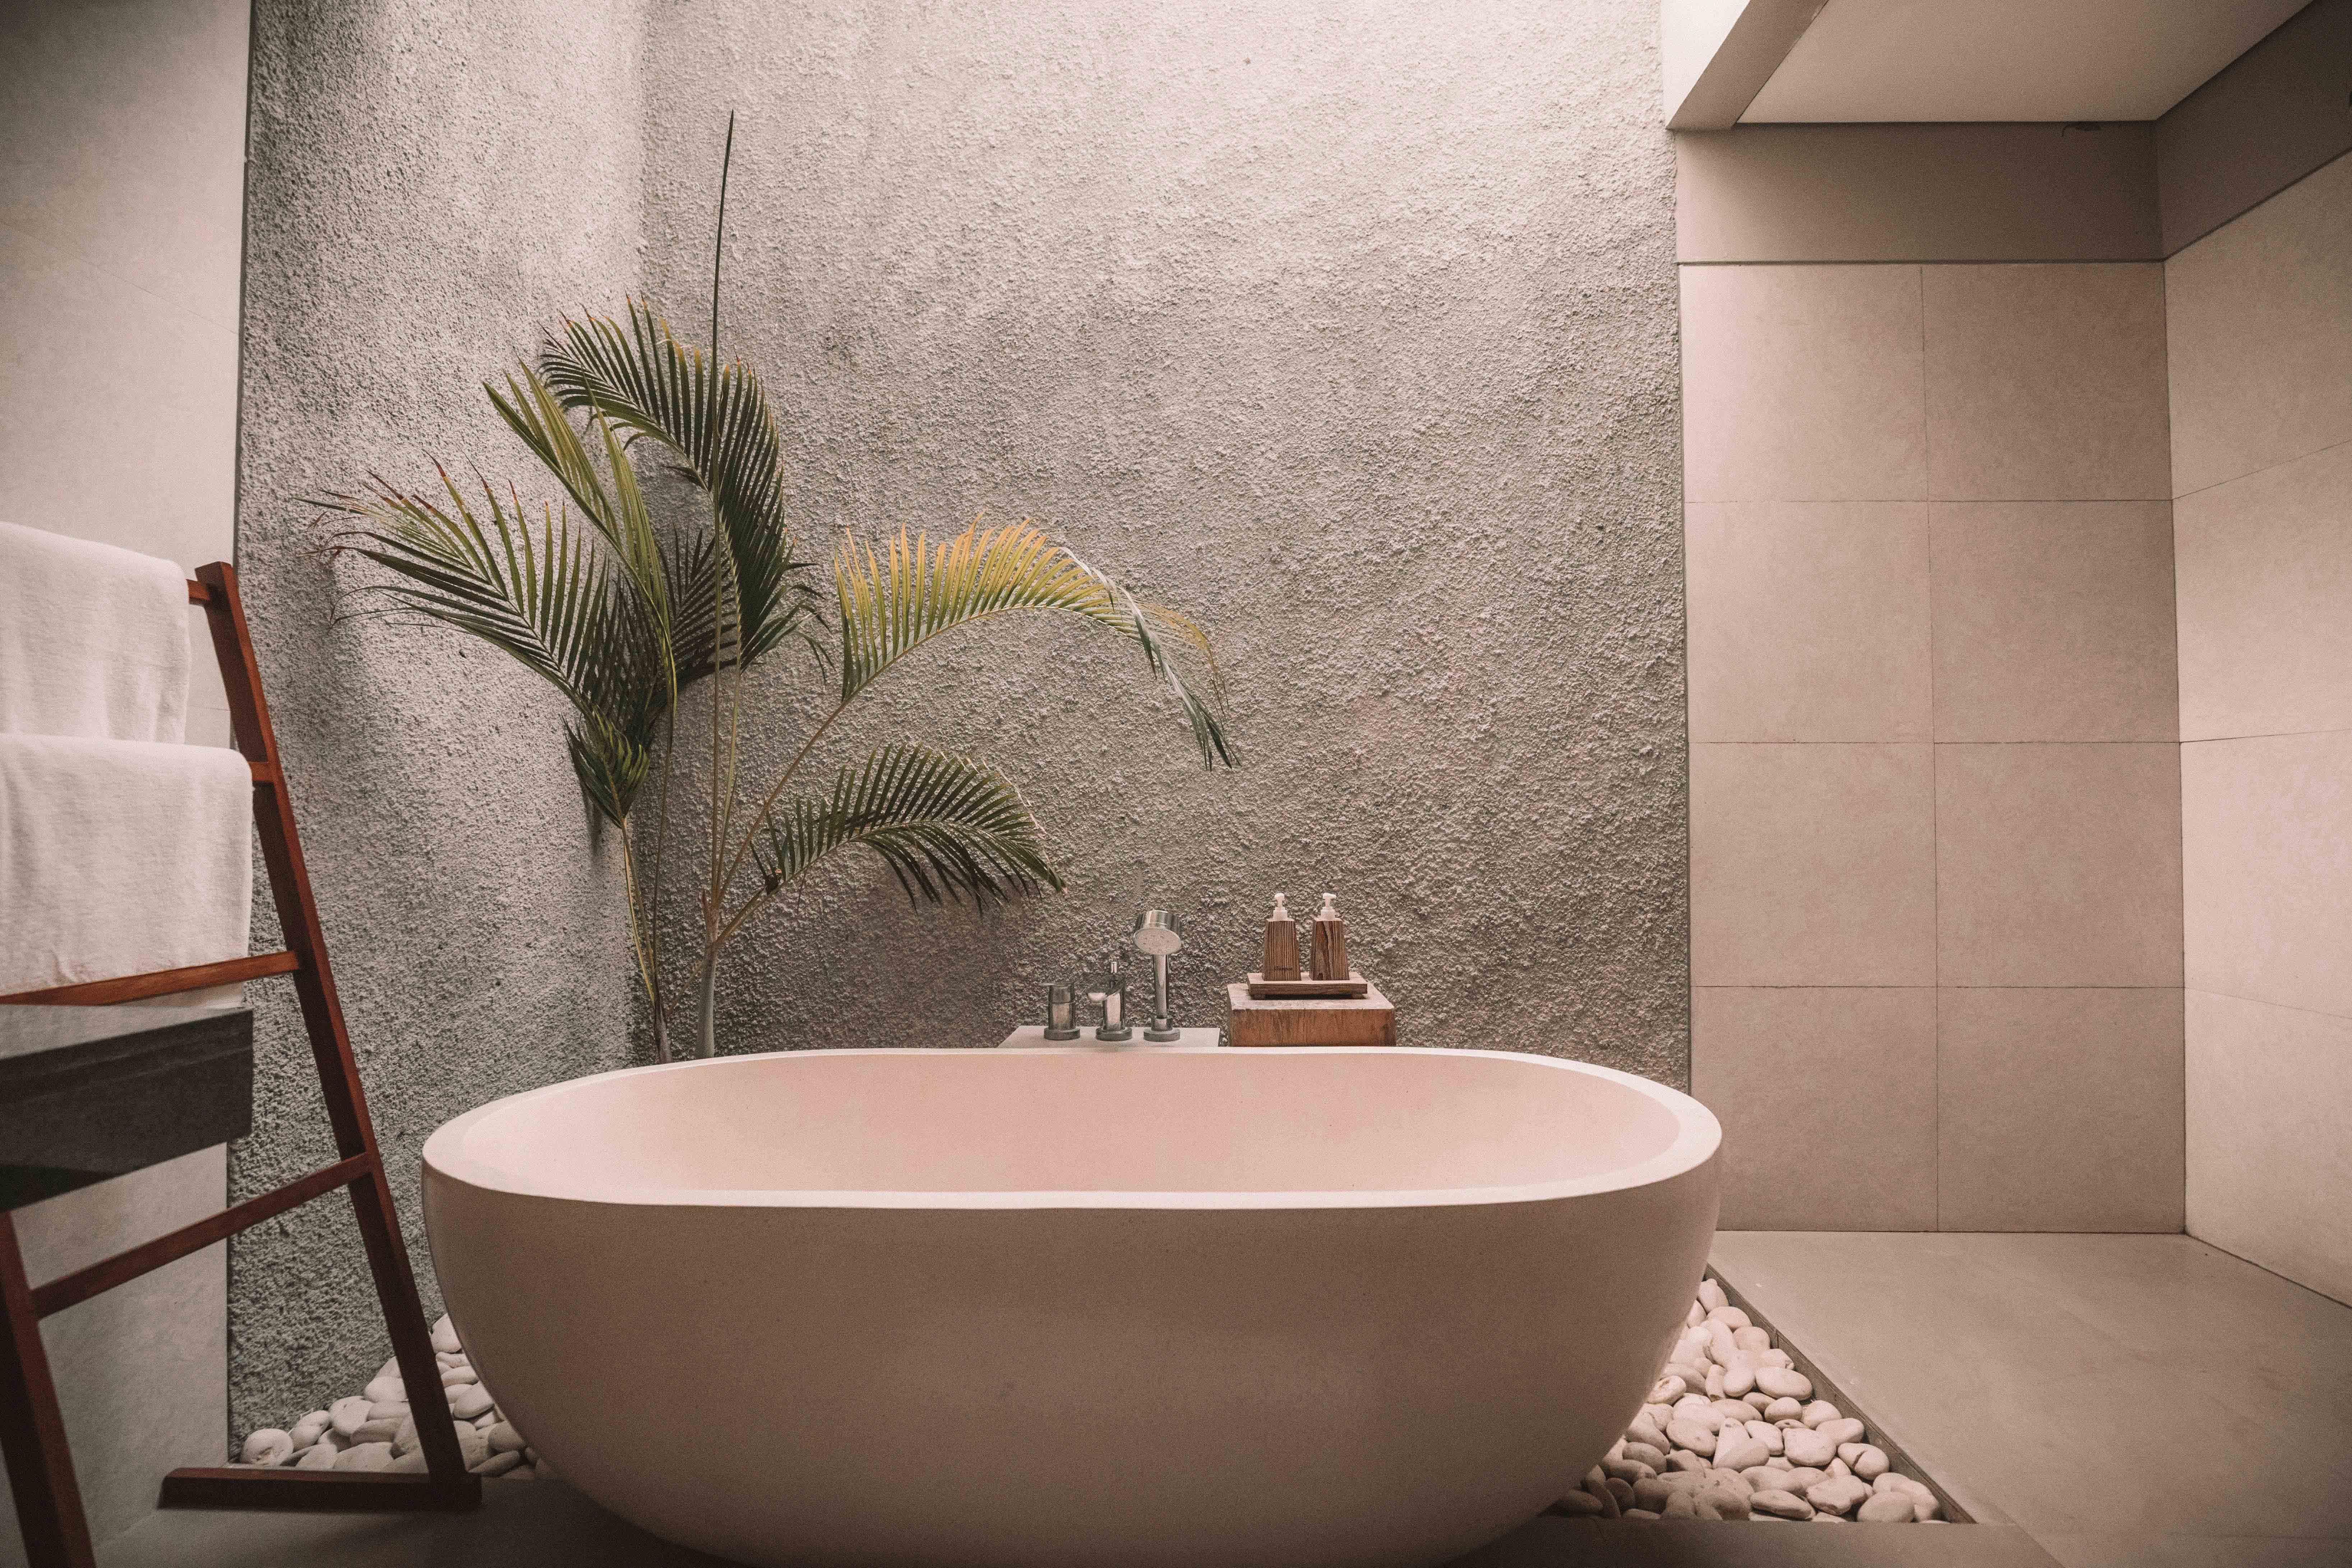 Come Ordinare I Cassetti Del Bagno : Come pianificare l arredo bagno arredamento design